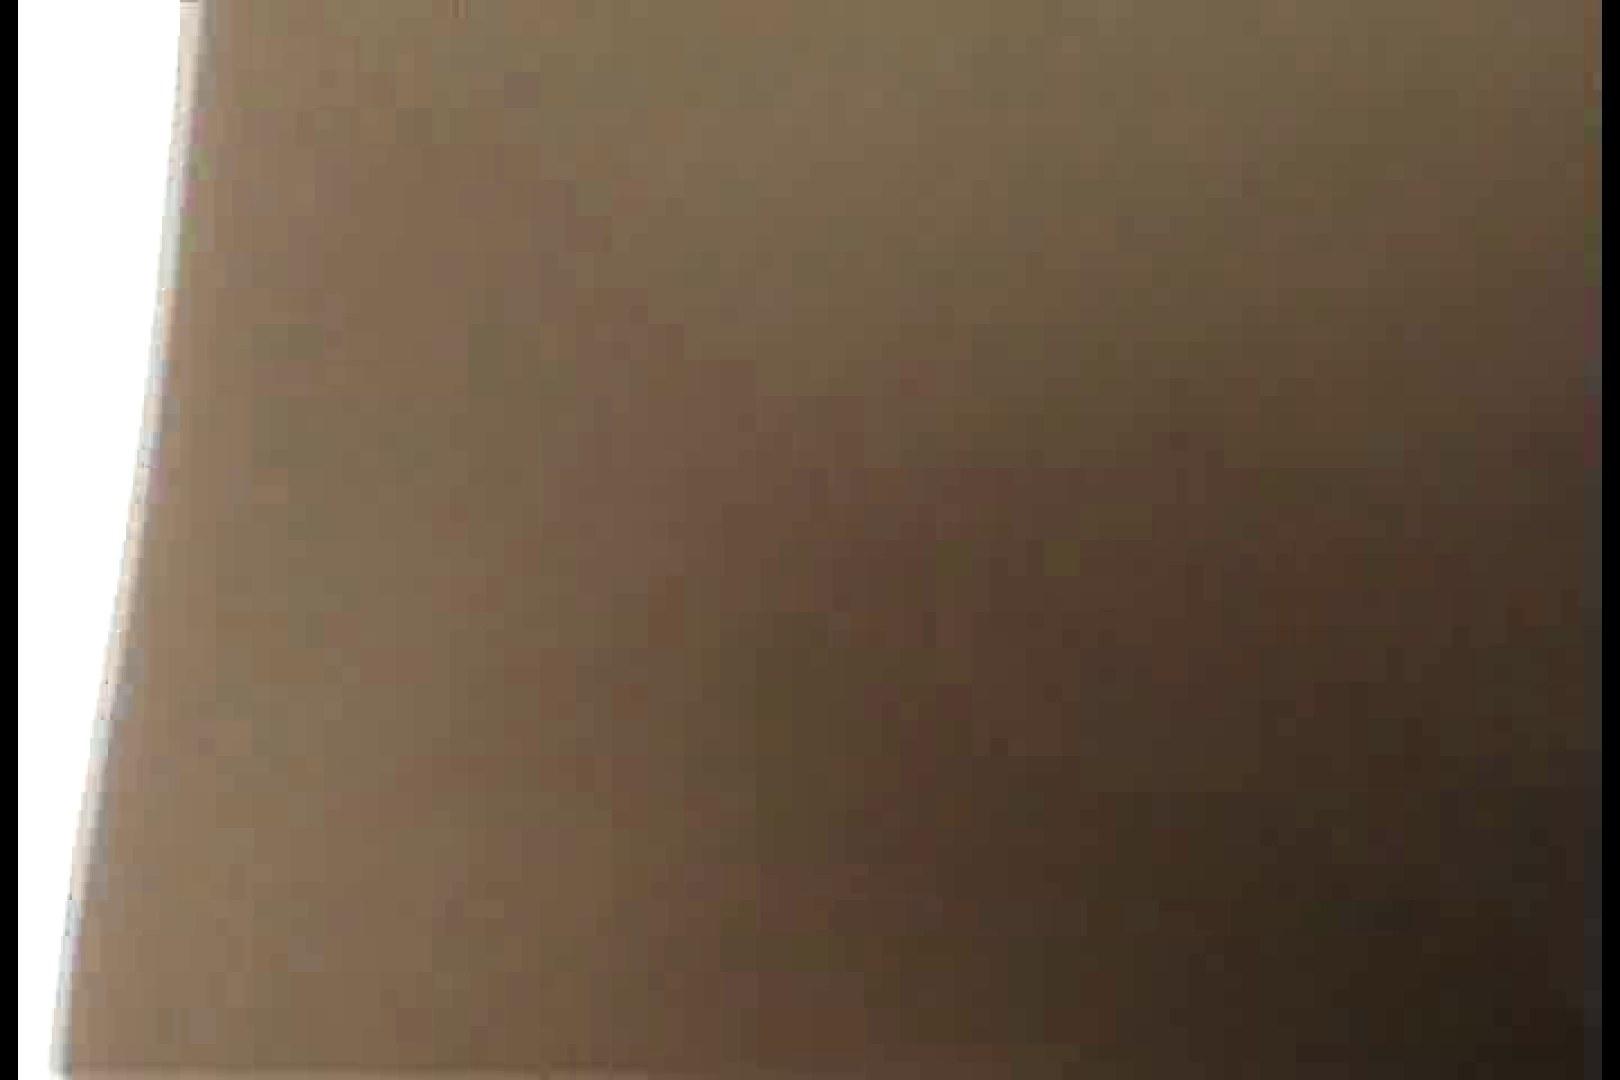 RQカメラ地獄Vol.4 OLの実態 覗き性交動画流出 53pic 14